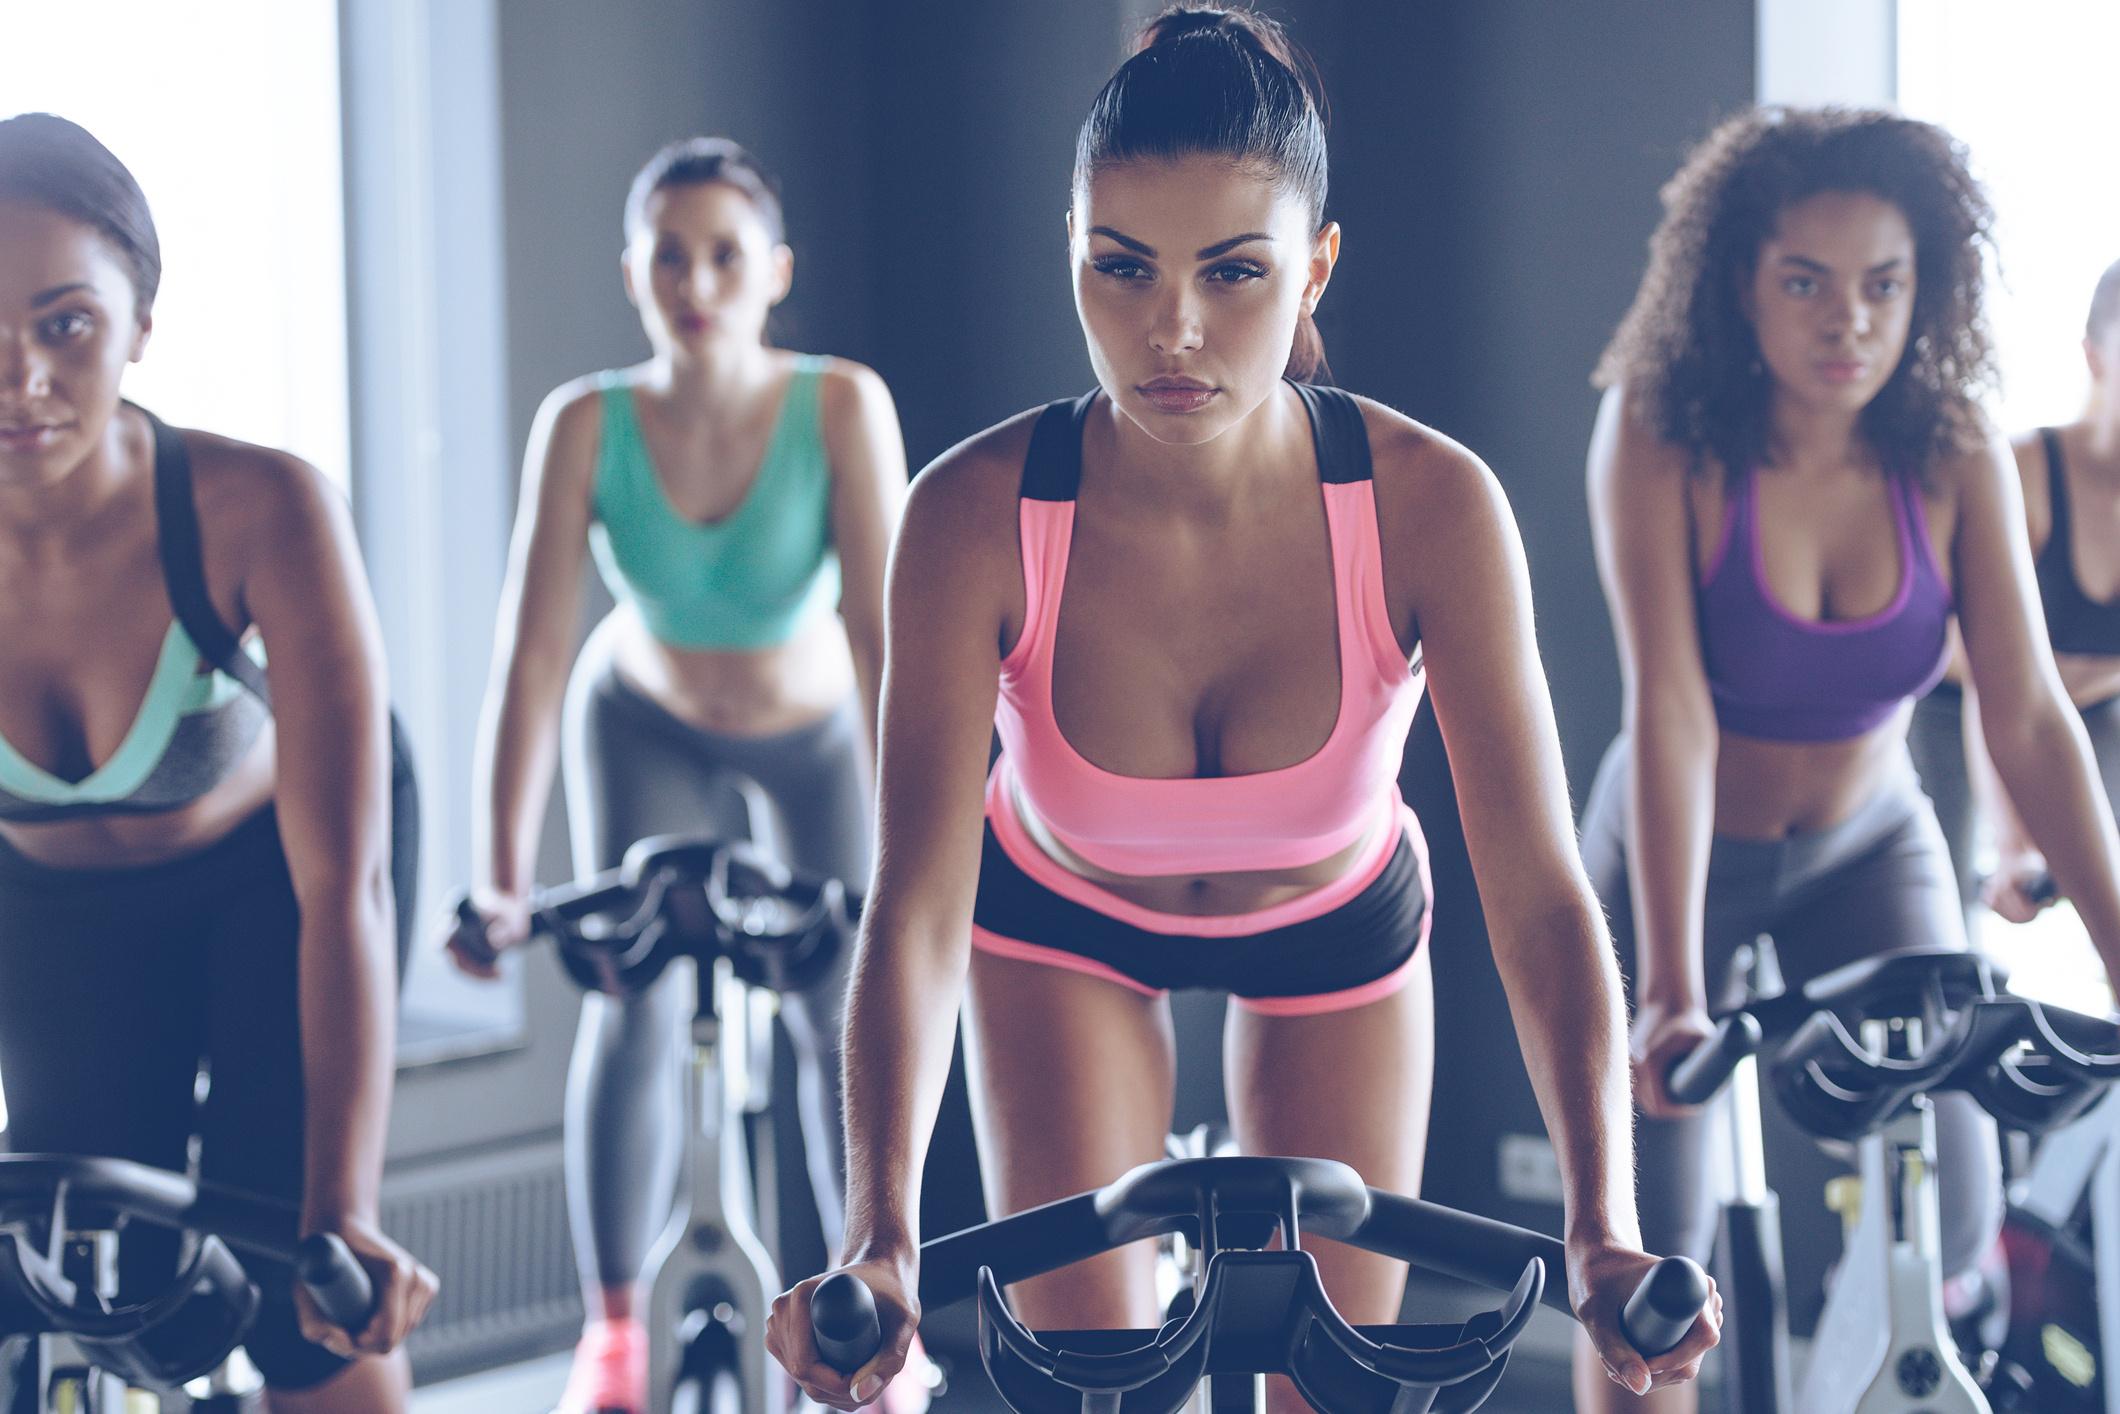 SOS diéta nyaralás előtt: 4 tipp a gyors és kíméletes fogyásért! | postasgym.hu